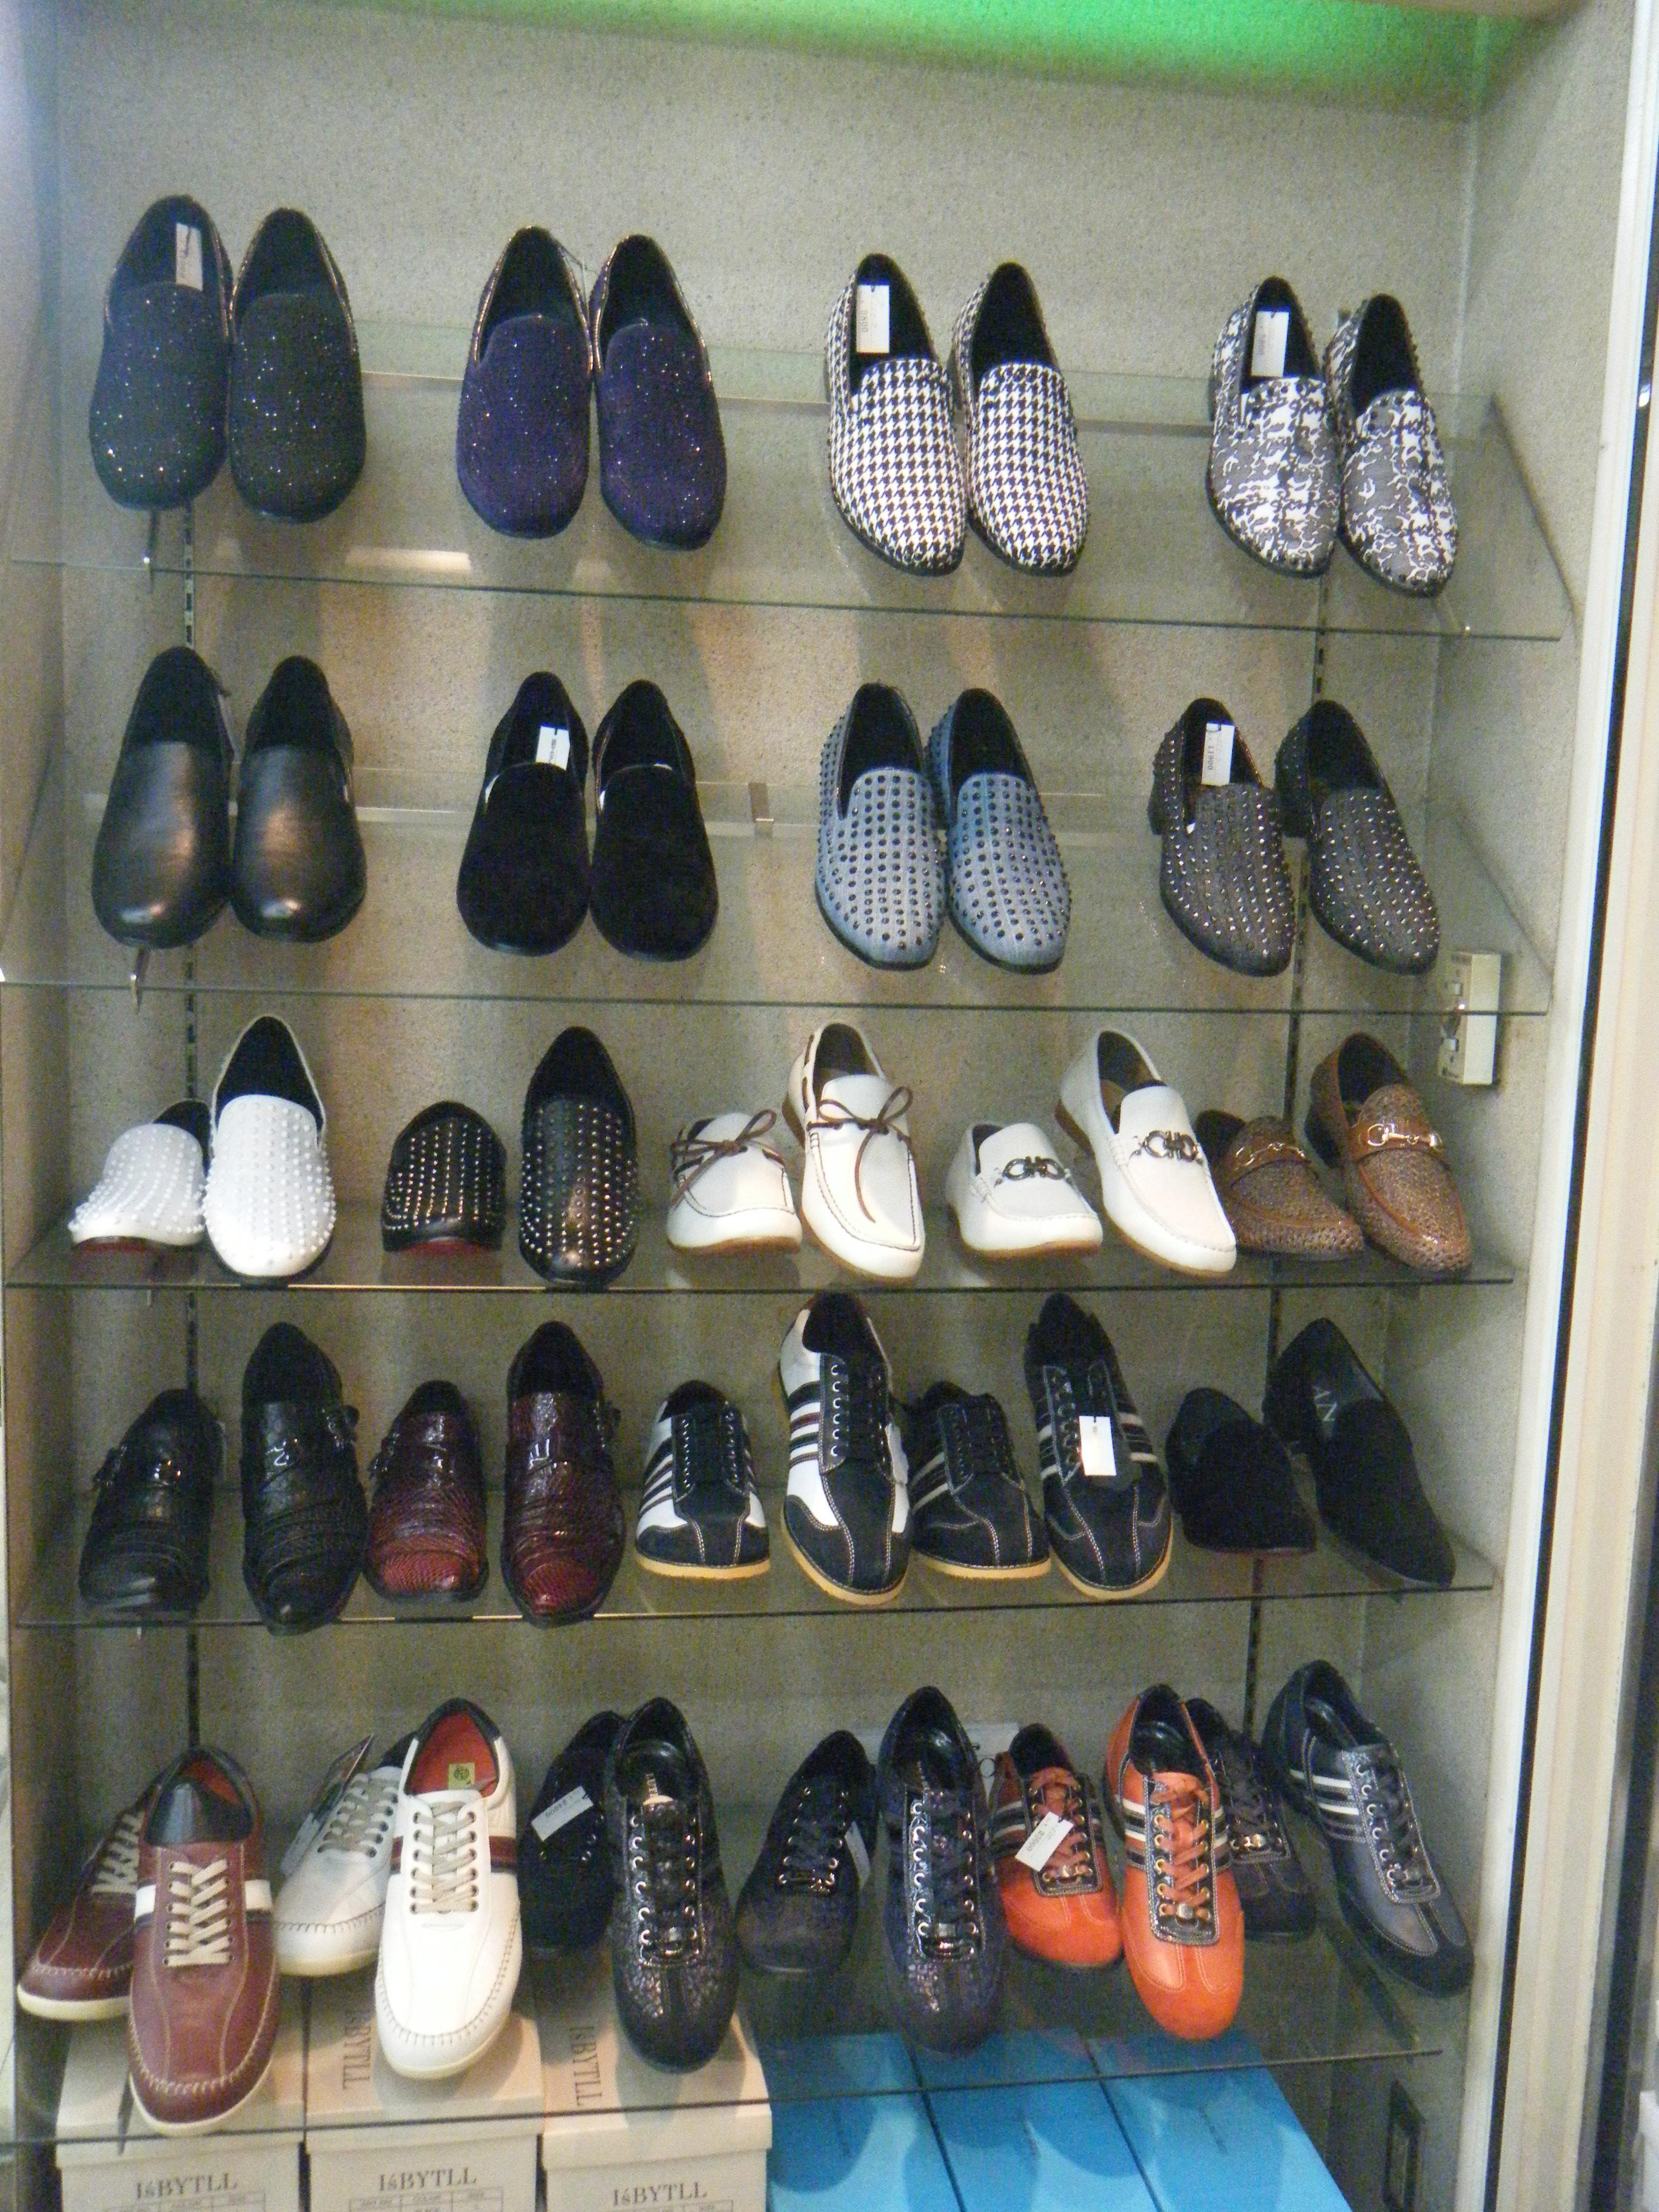 メンズシューズはとてもオシャレな靴があります。 ドレスシューズからカジュアルまで。100種類程ありますので、ご来店の際はたくさんの中からあなたのための一足を探してみて下さい。